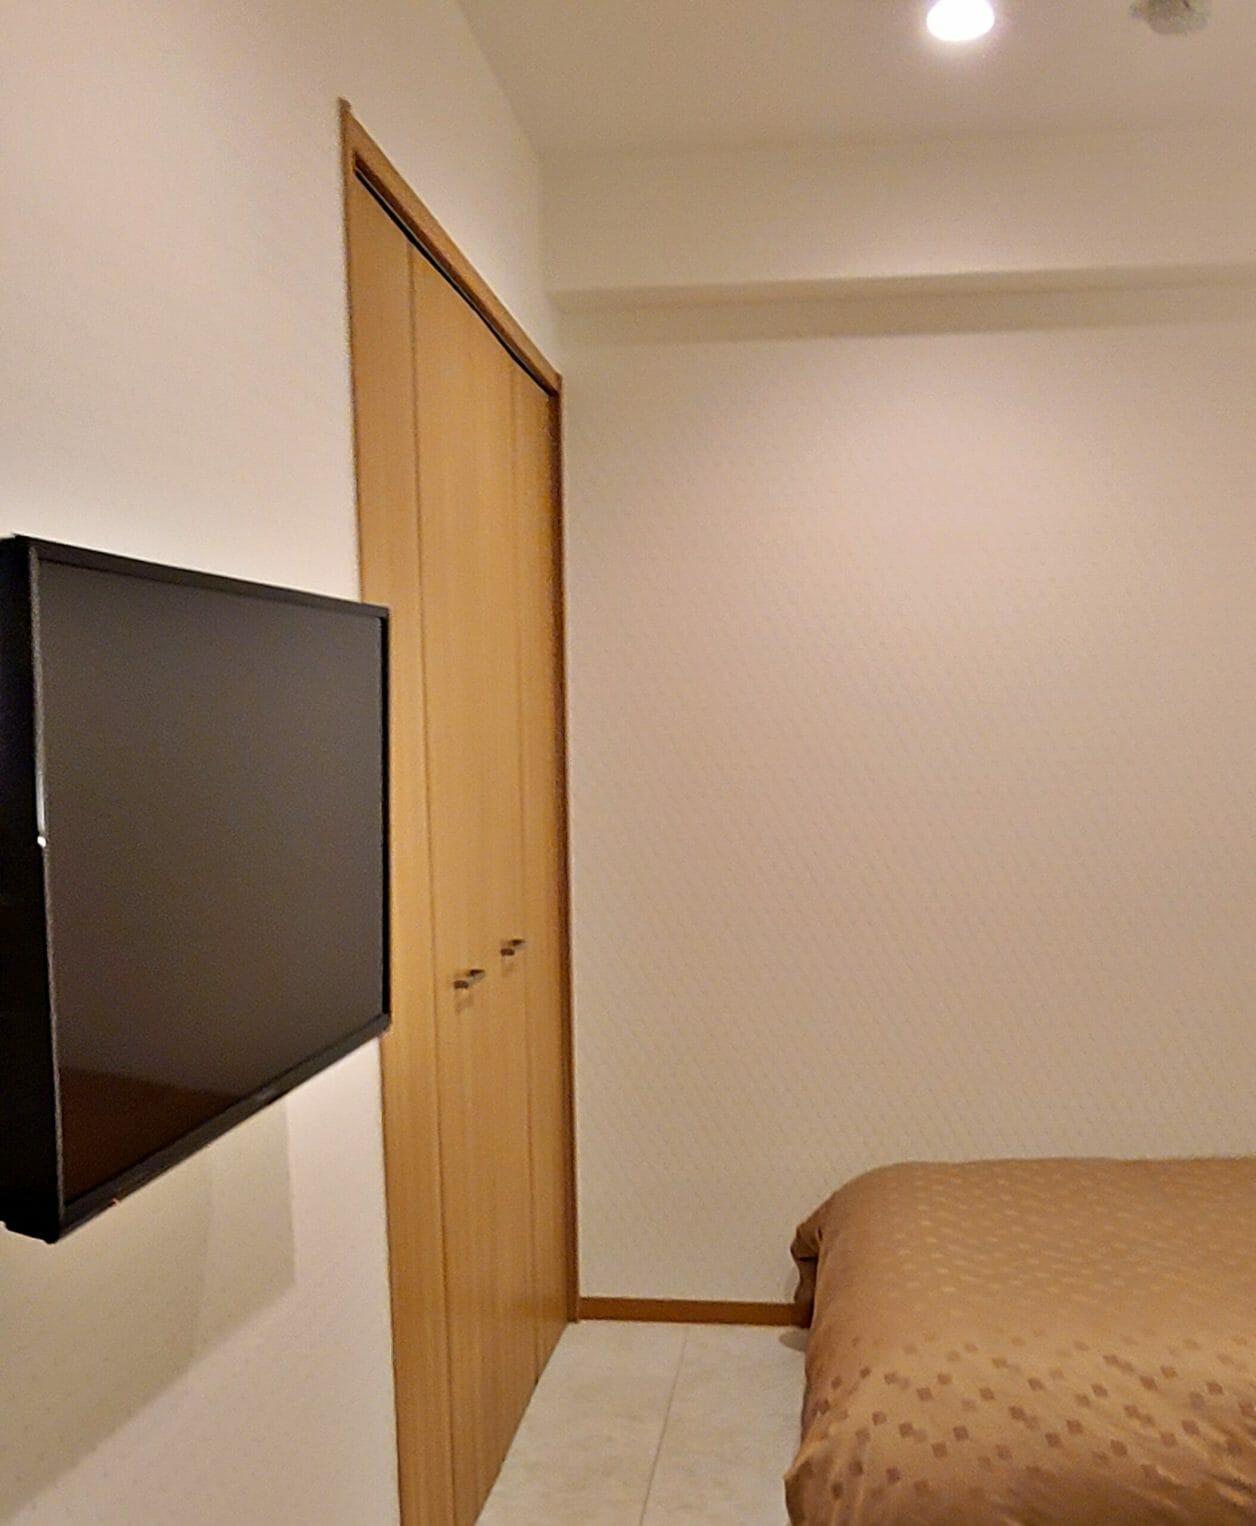 ポイントバケーション那須の客室